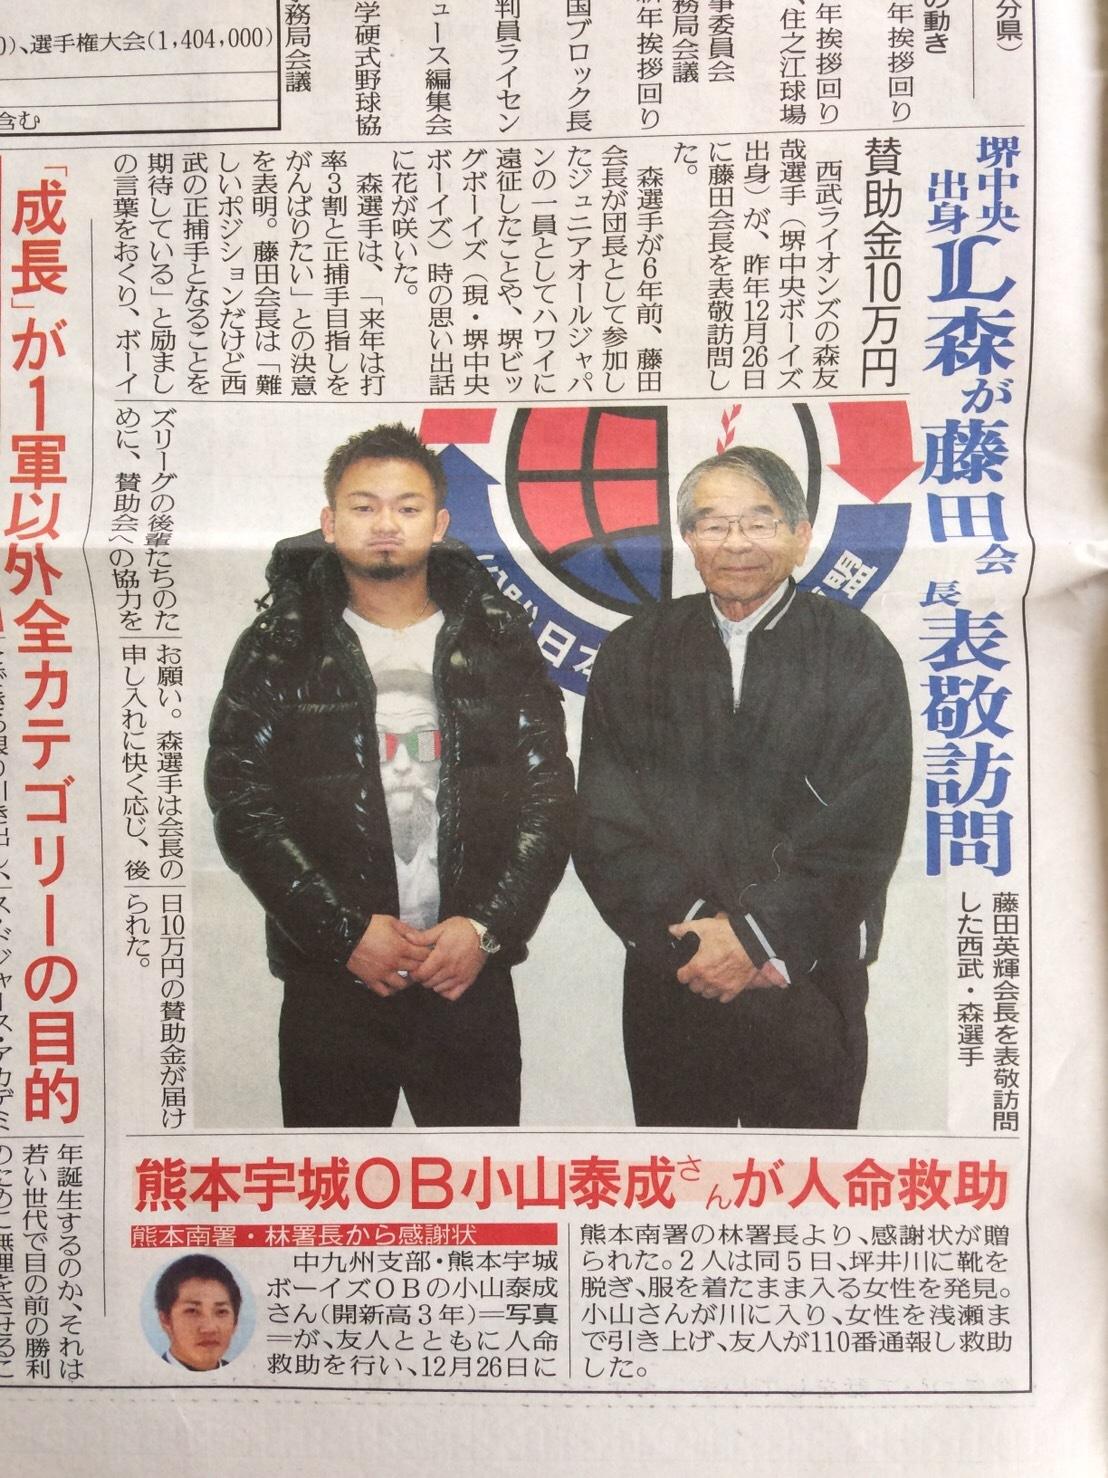 ボーイズリーグ新聞_f0209300_11231964.jpg